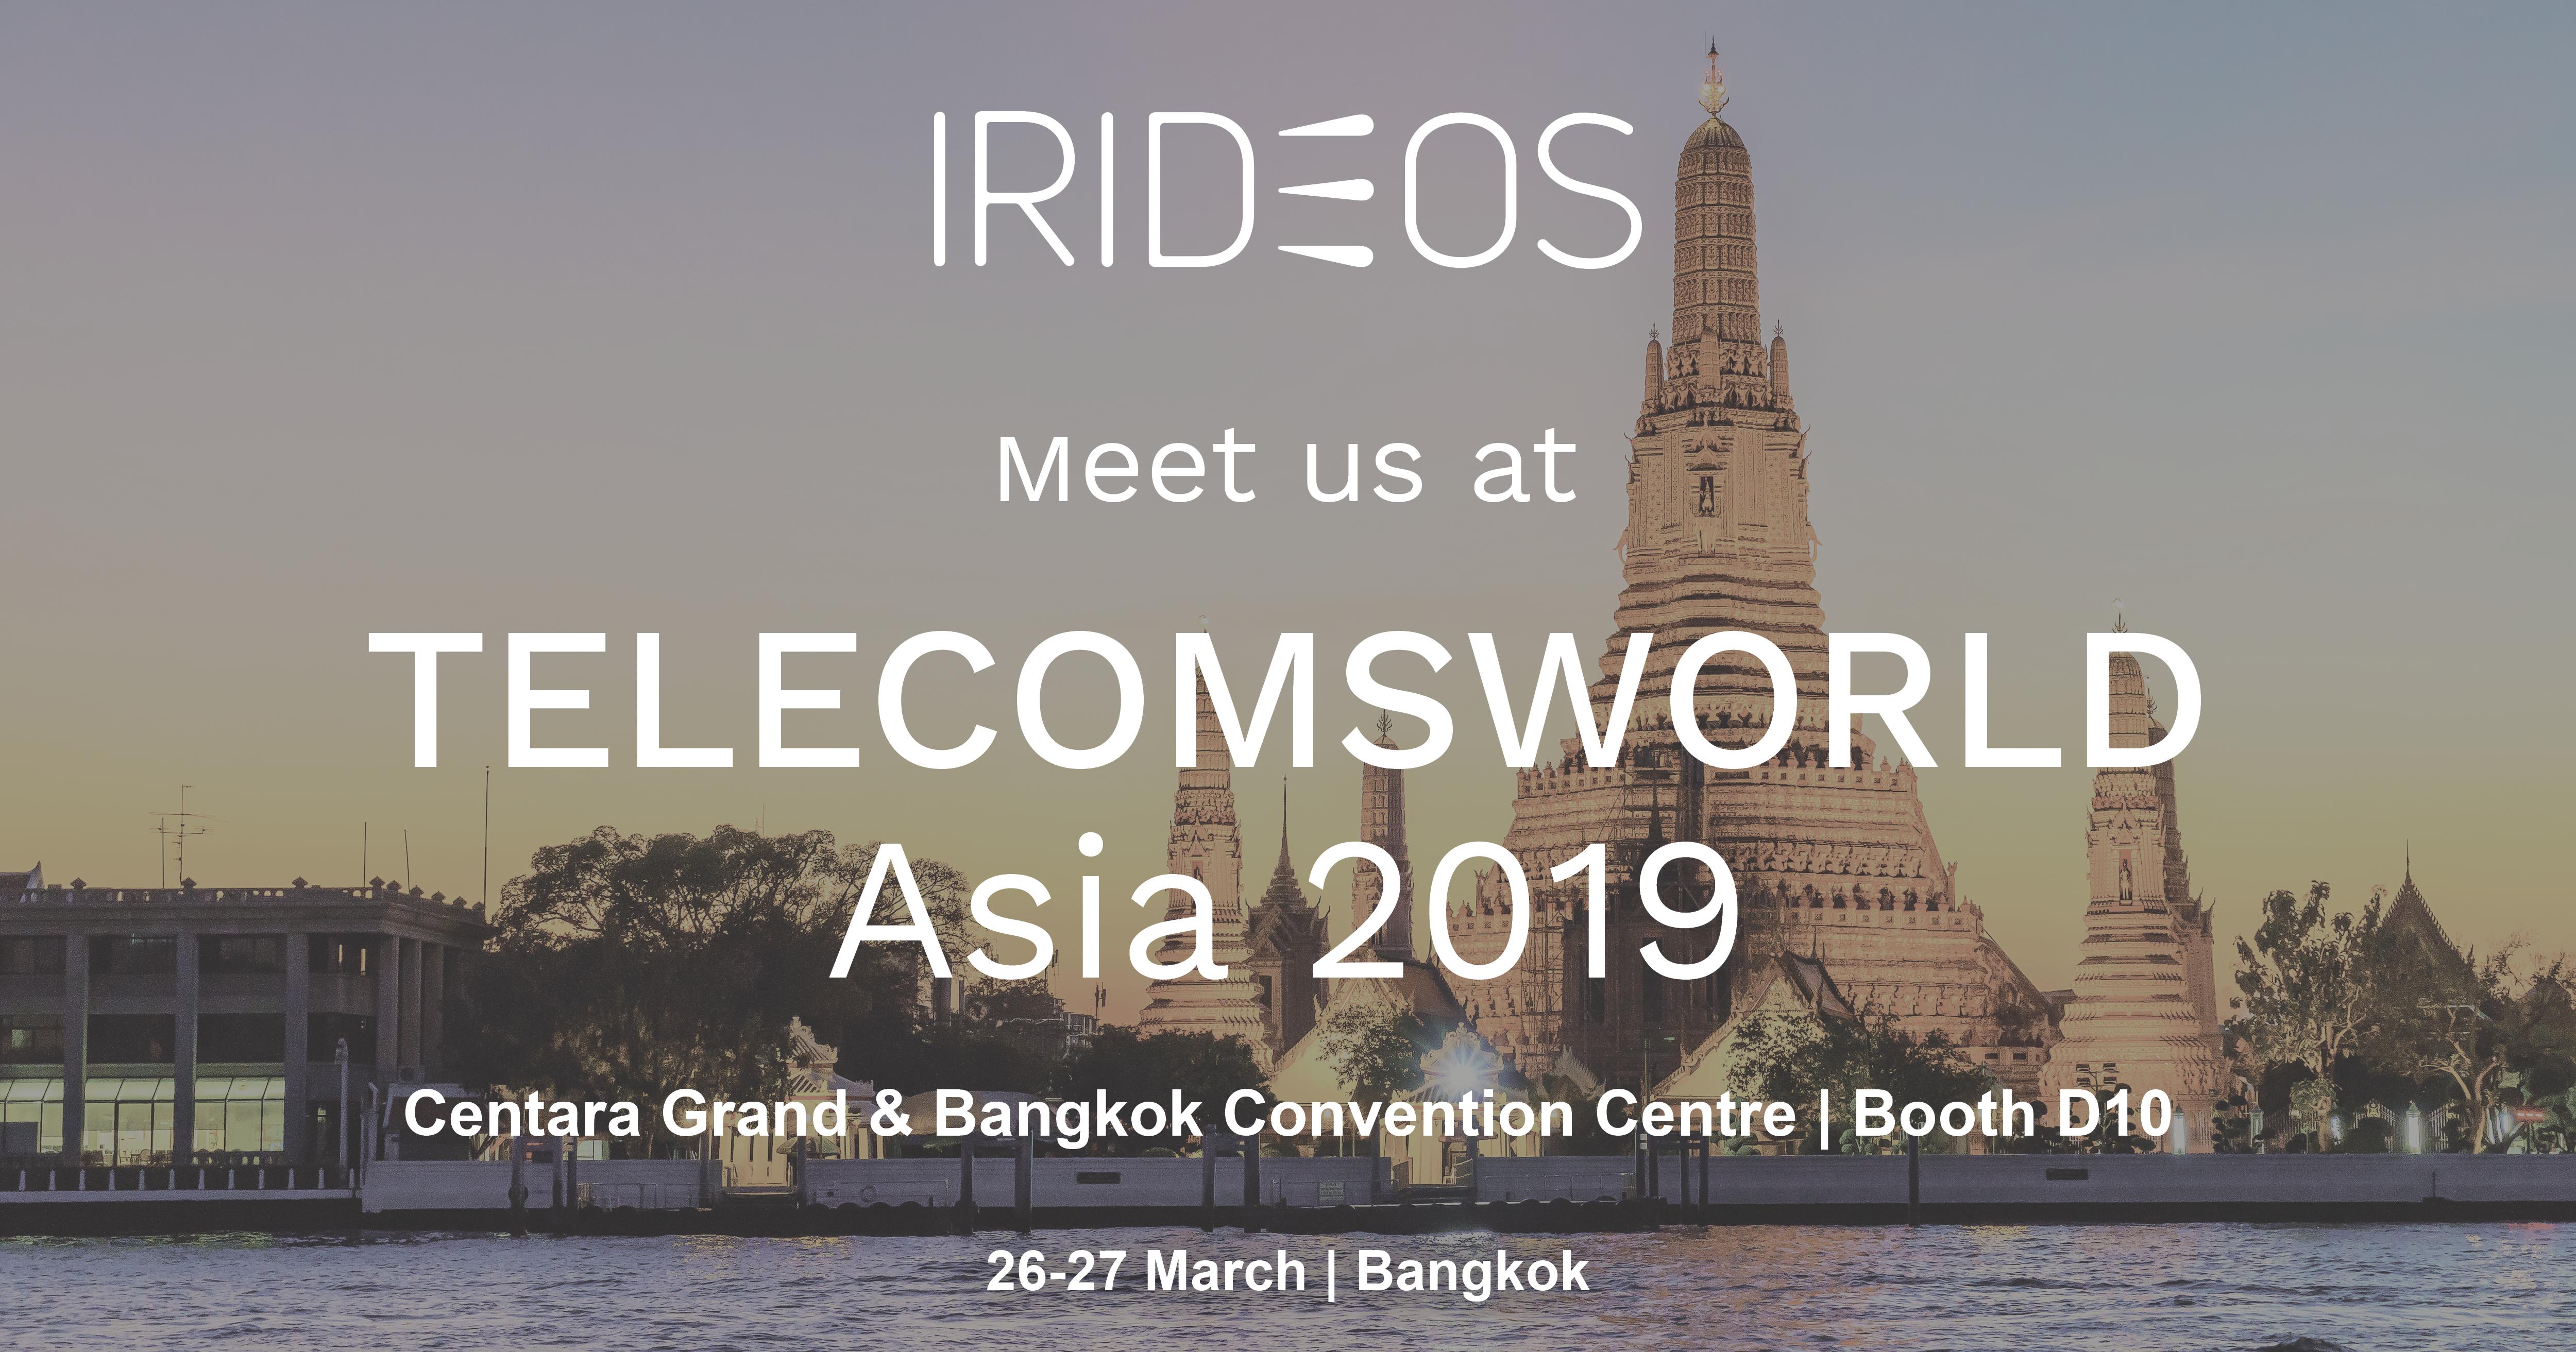 IRIDEOS partecipa @TelecomsWorld Asia 2019